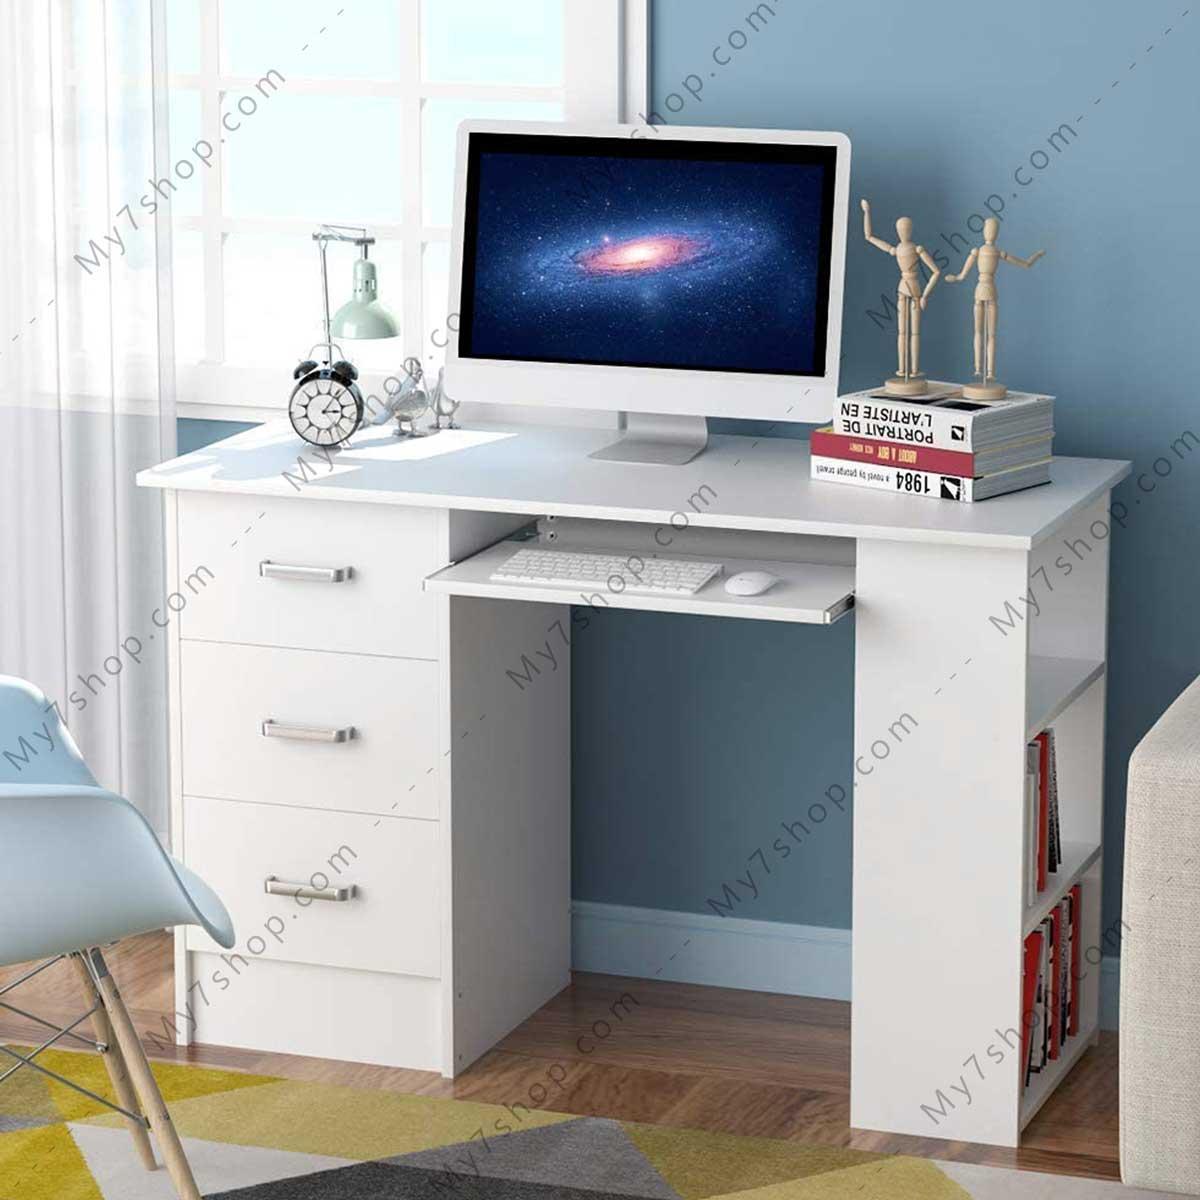 میز کامپیوتر 7523-3